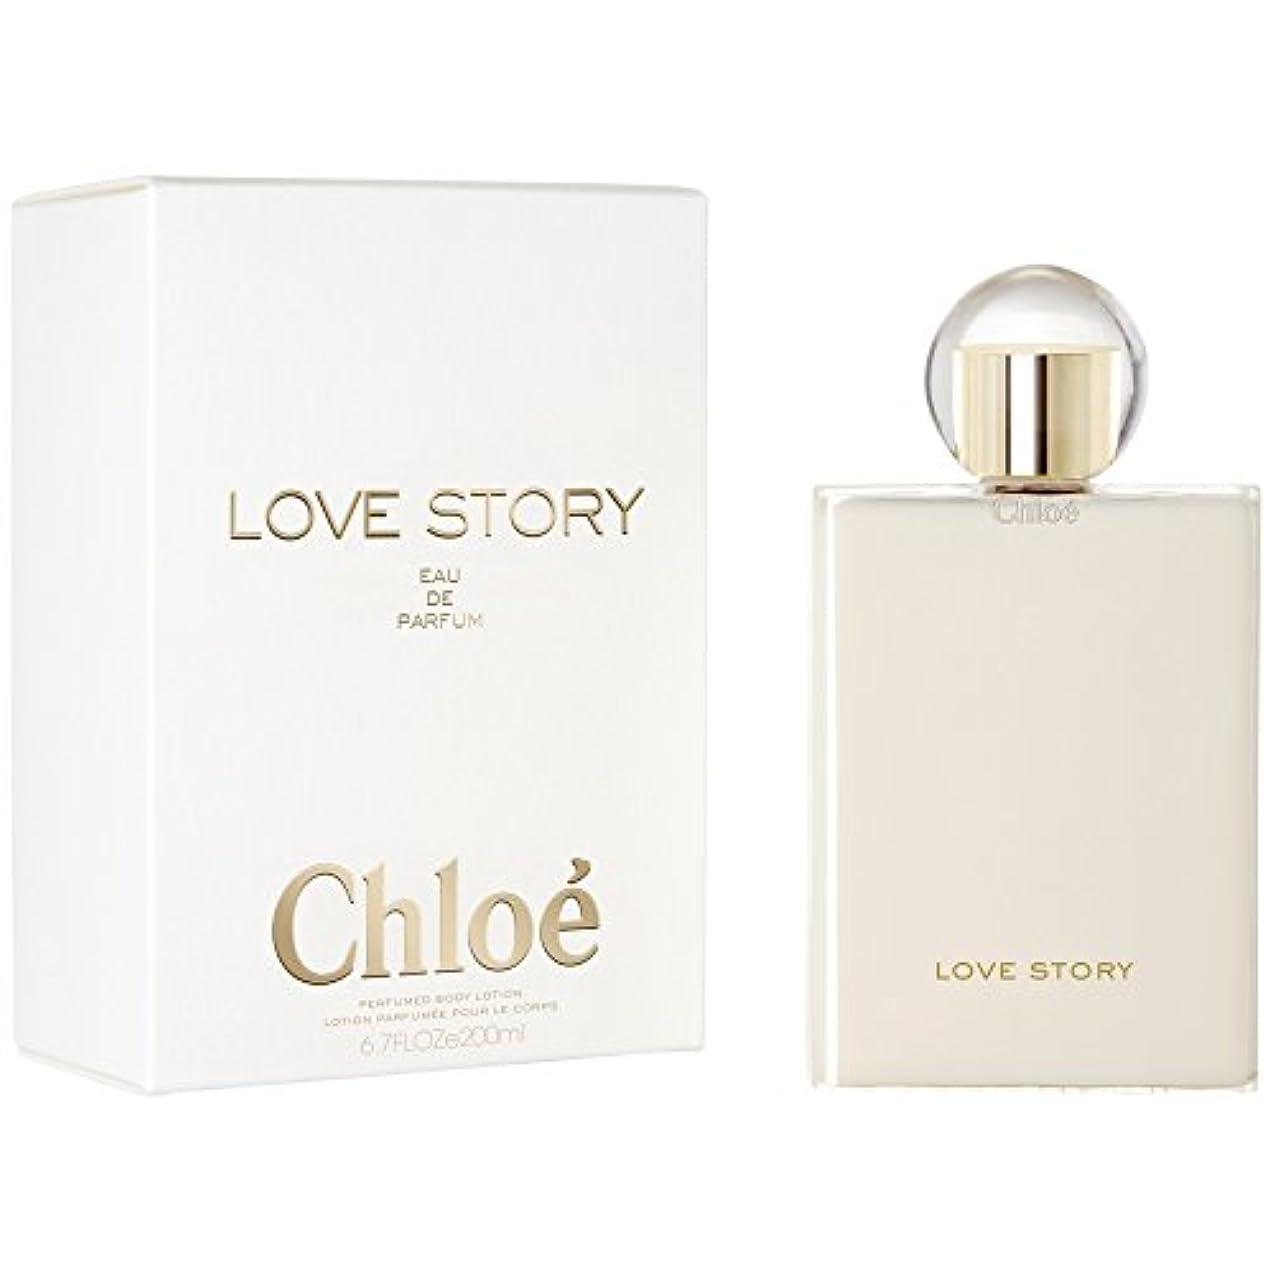 シンボル文房具刃クロエの愛の物語ボディローション200ミリリットル (Chlo?) (x2) - Chlo? Love Story Body Lotion 200ml (Pack of 2) [並行輸入品]